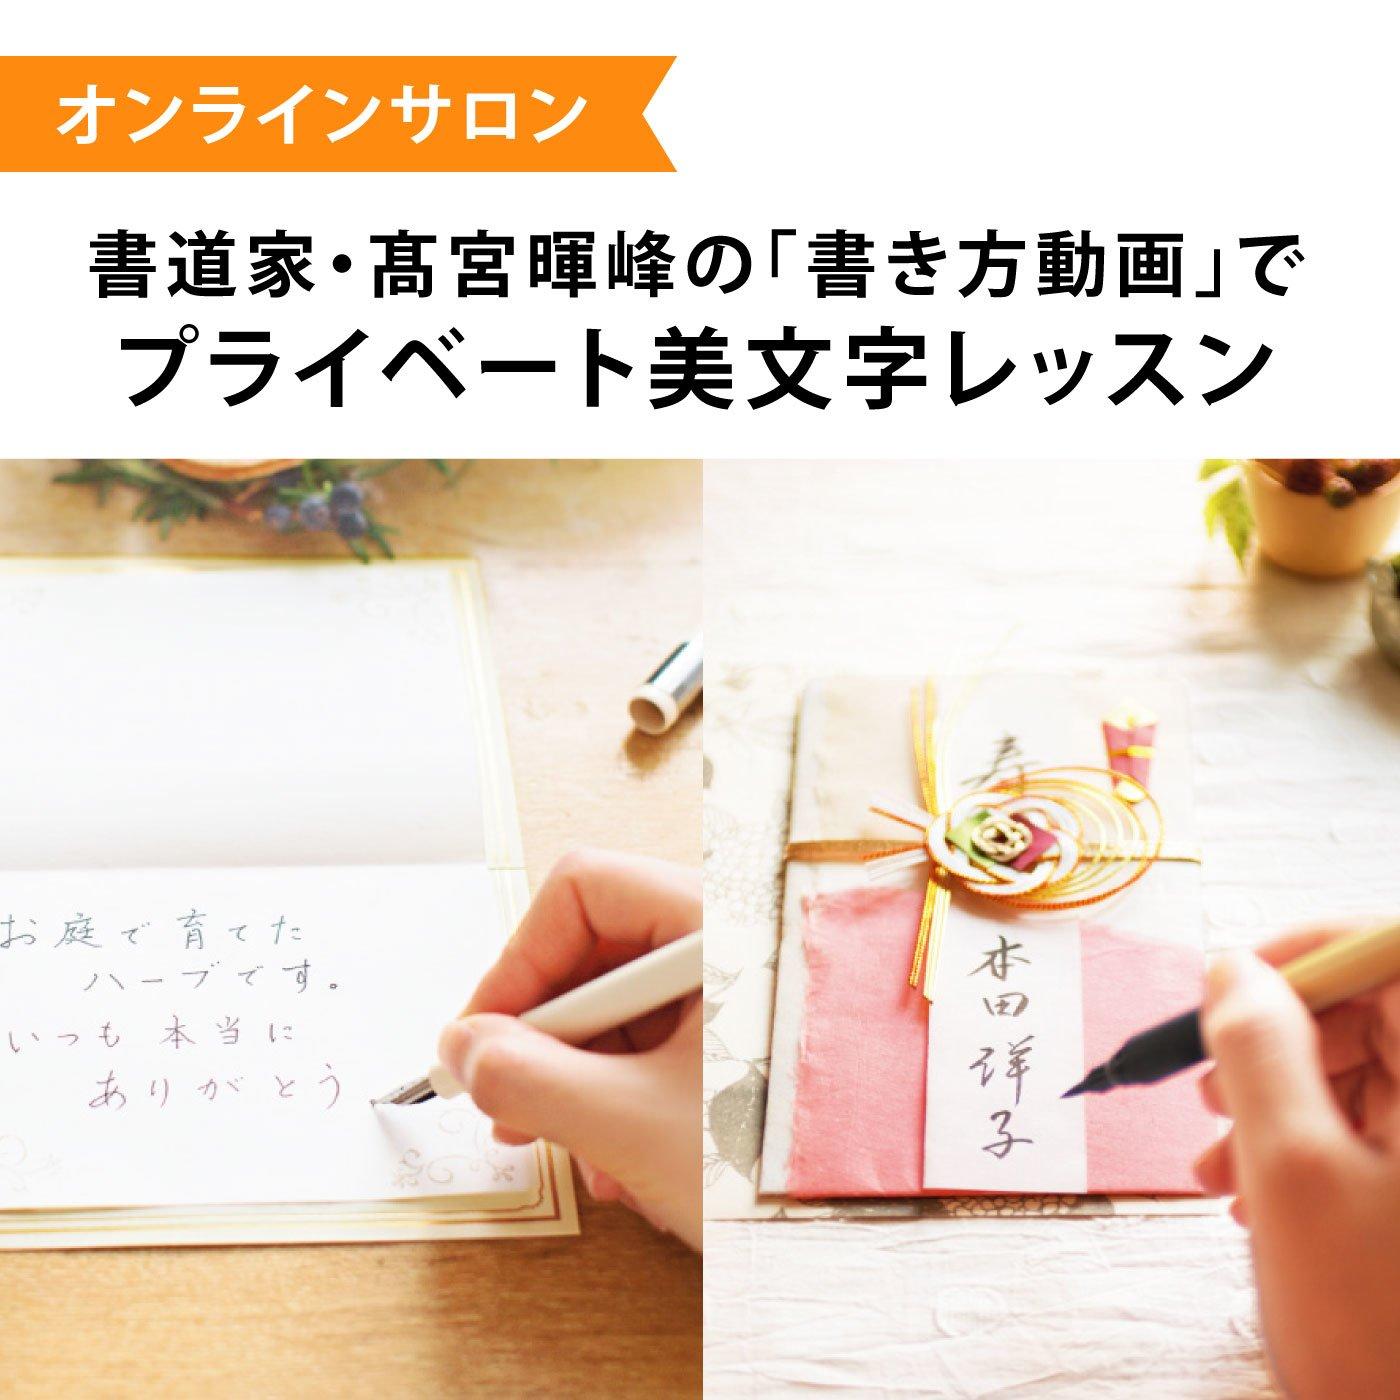 【オンラインサロン】書道家・高宮暉峰の「書き方動画」でプライベート美文字レッスン